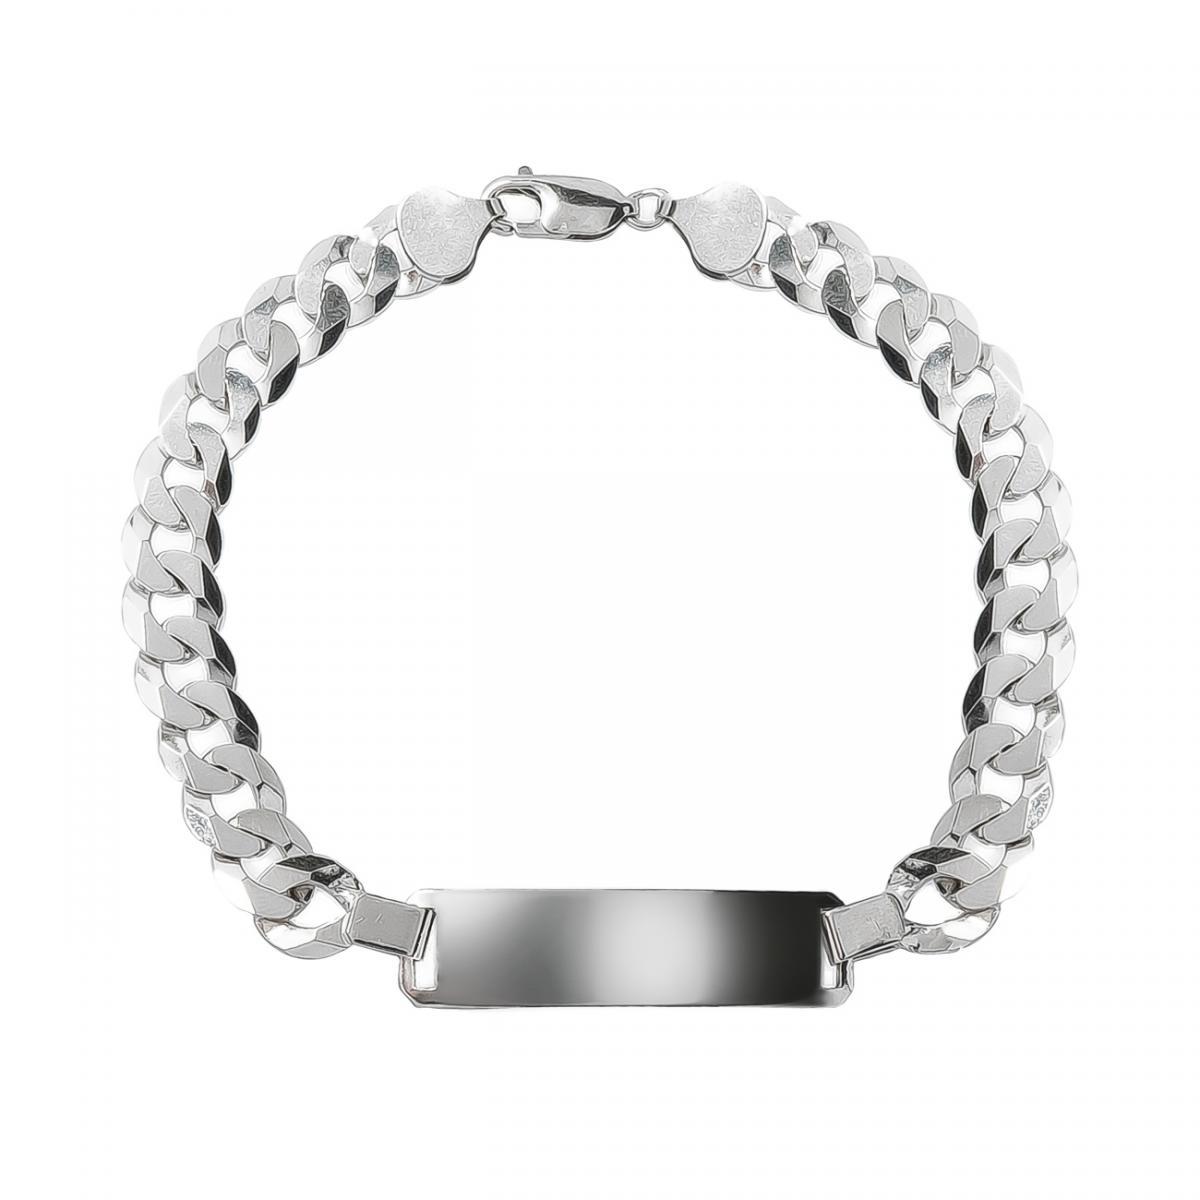 Чоловічий срібний браслет з пластинкою для гравіювання (21.5)